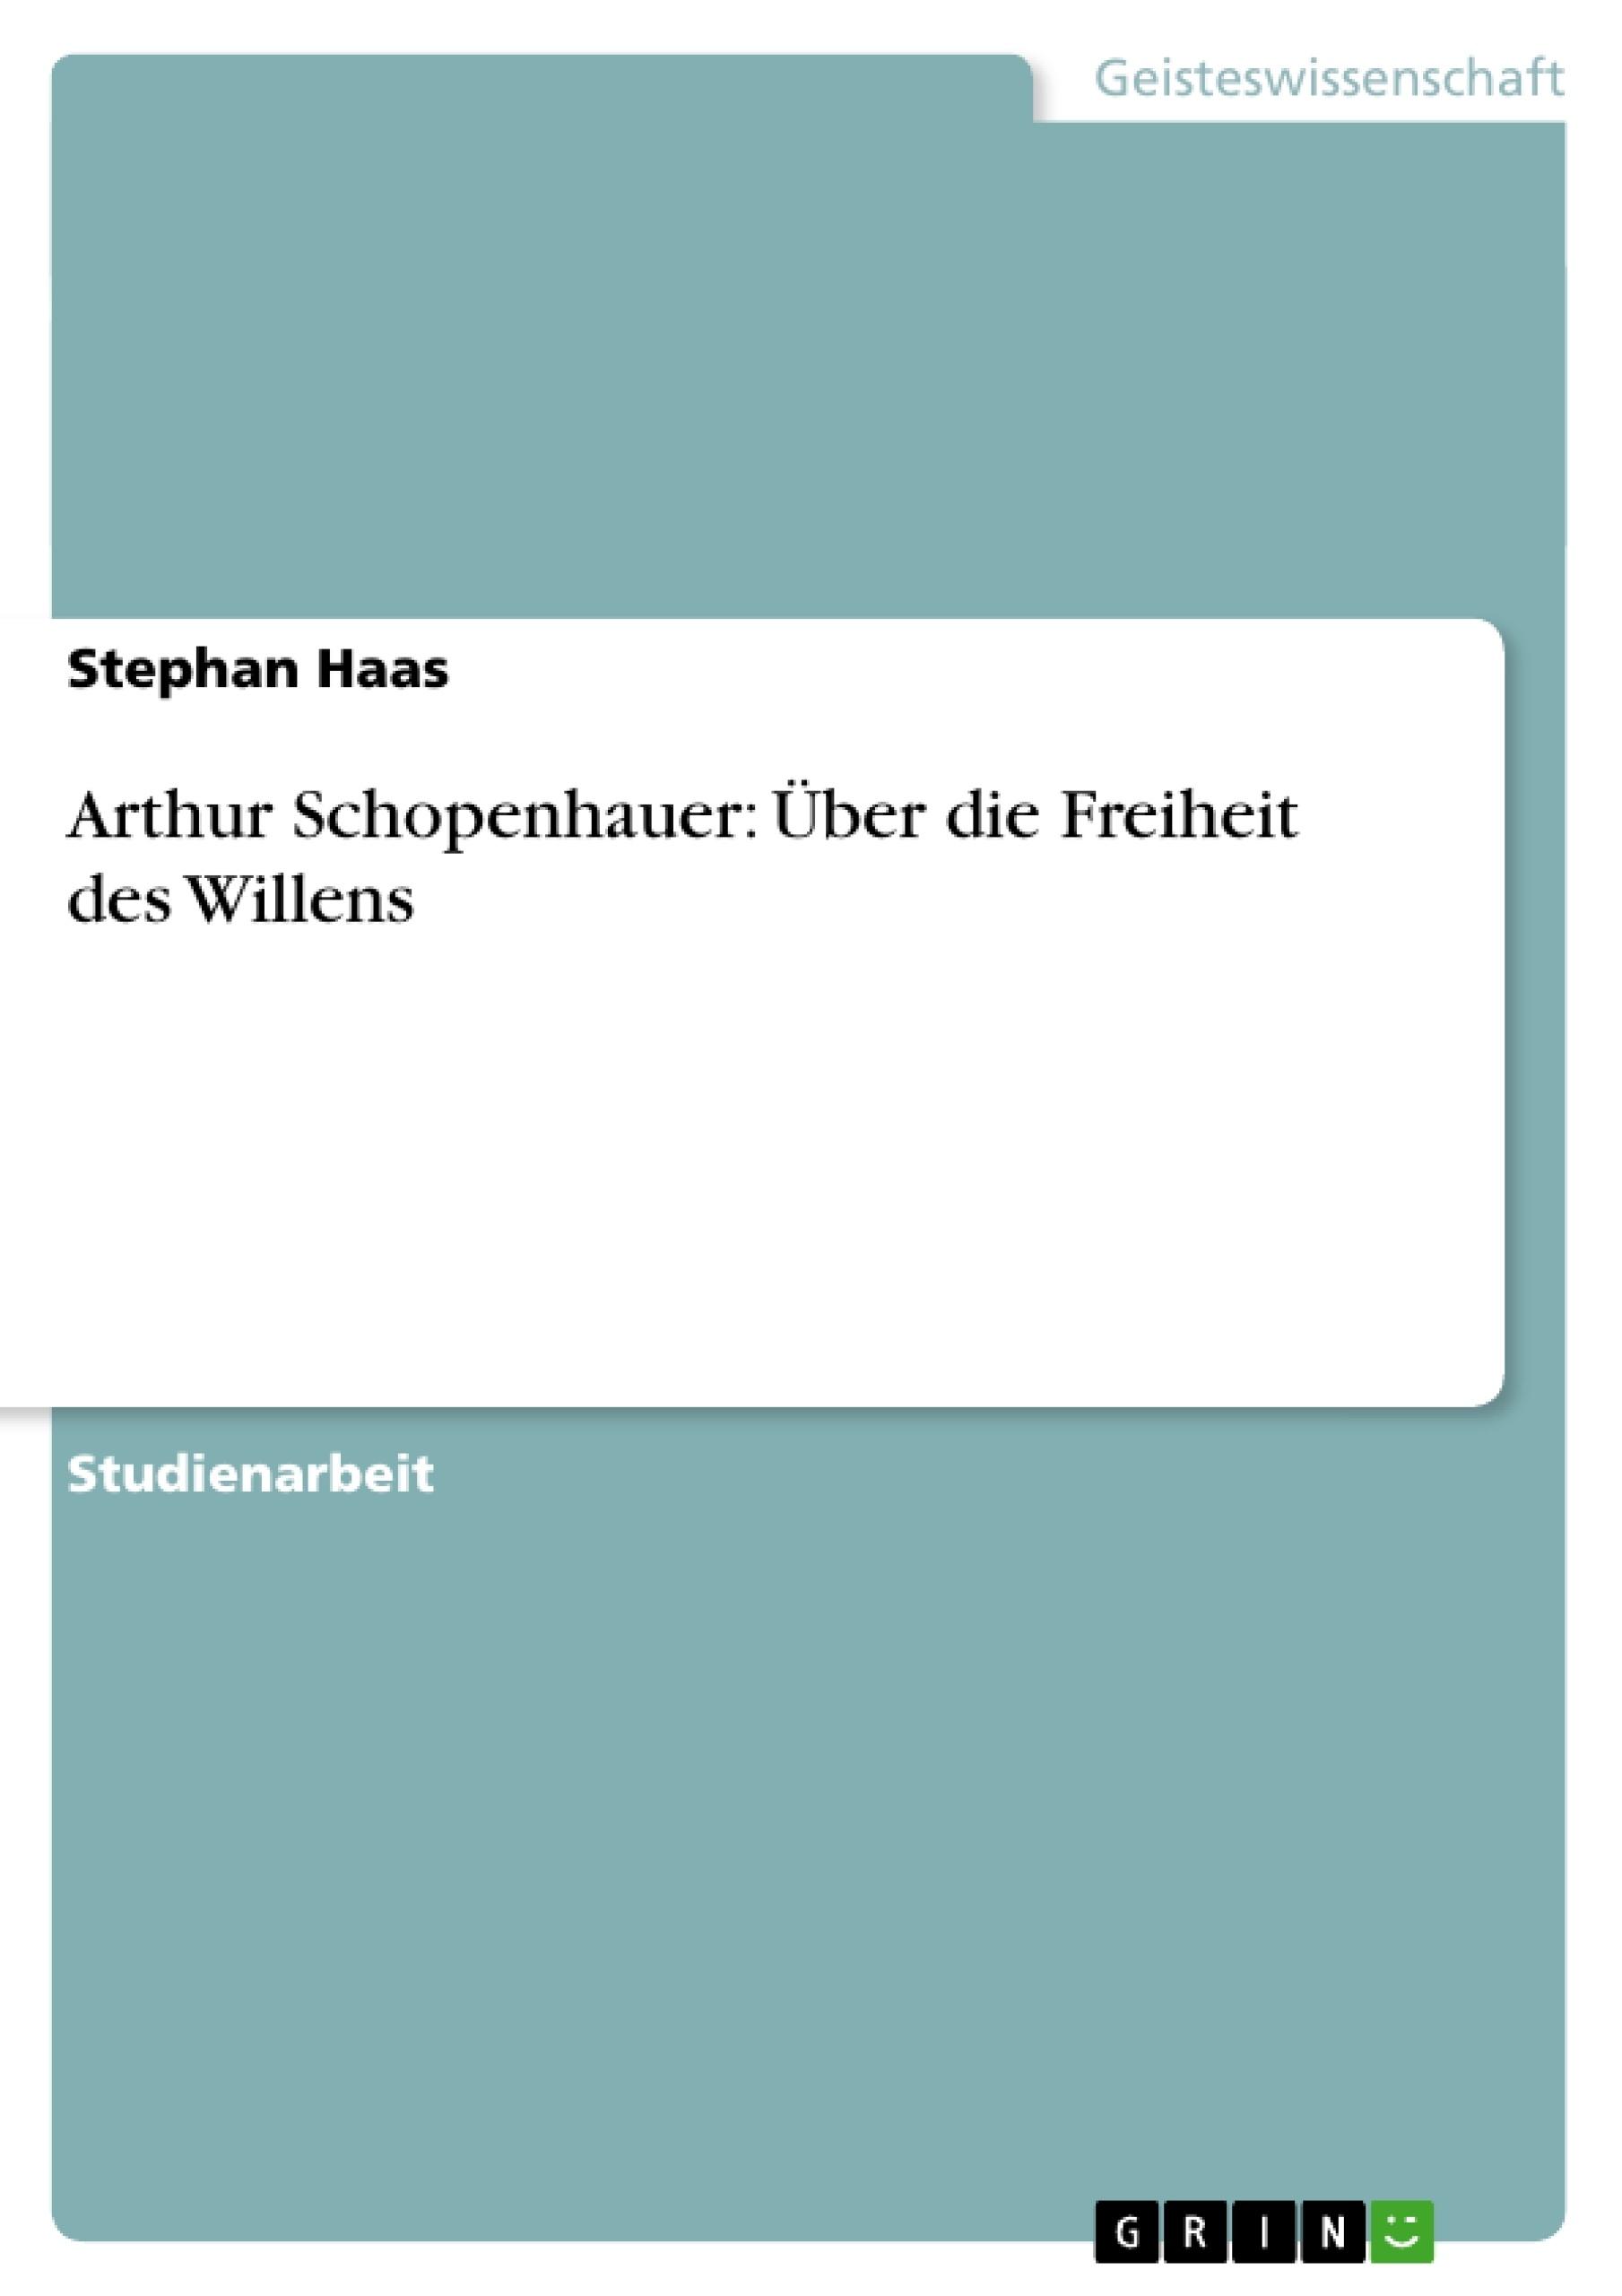 Titel: Arthur Schopenhauer: Über die Freiheit des Willens